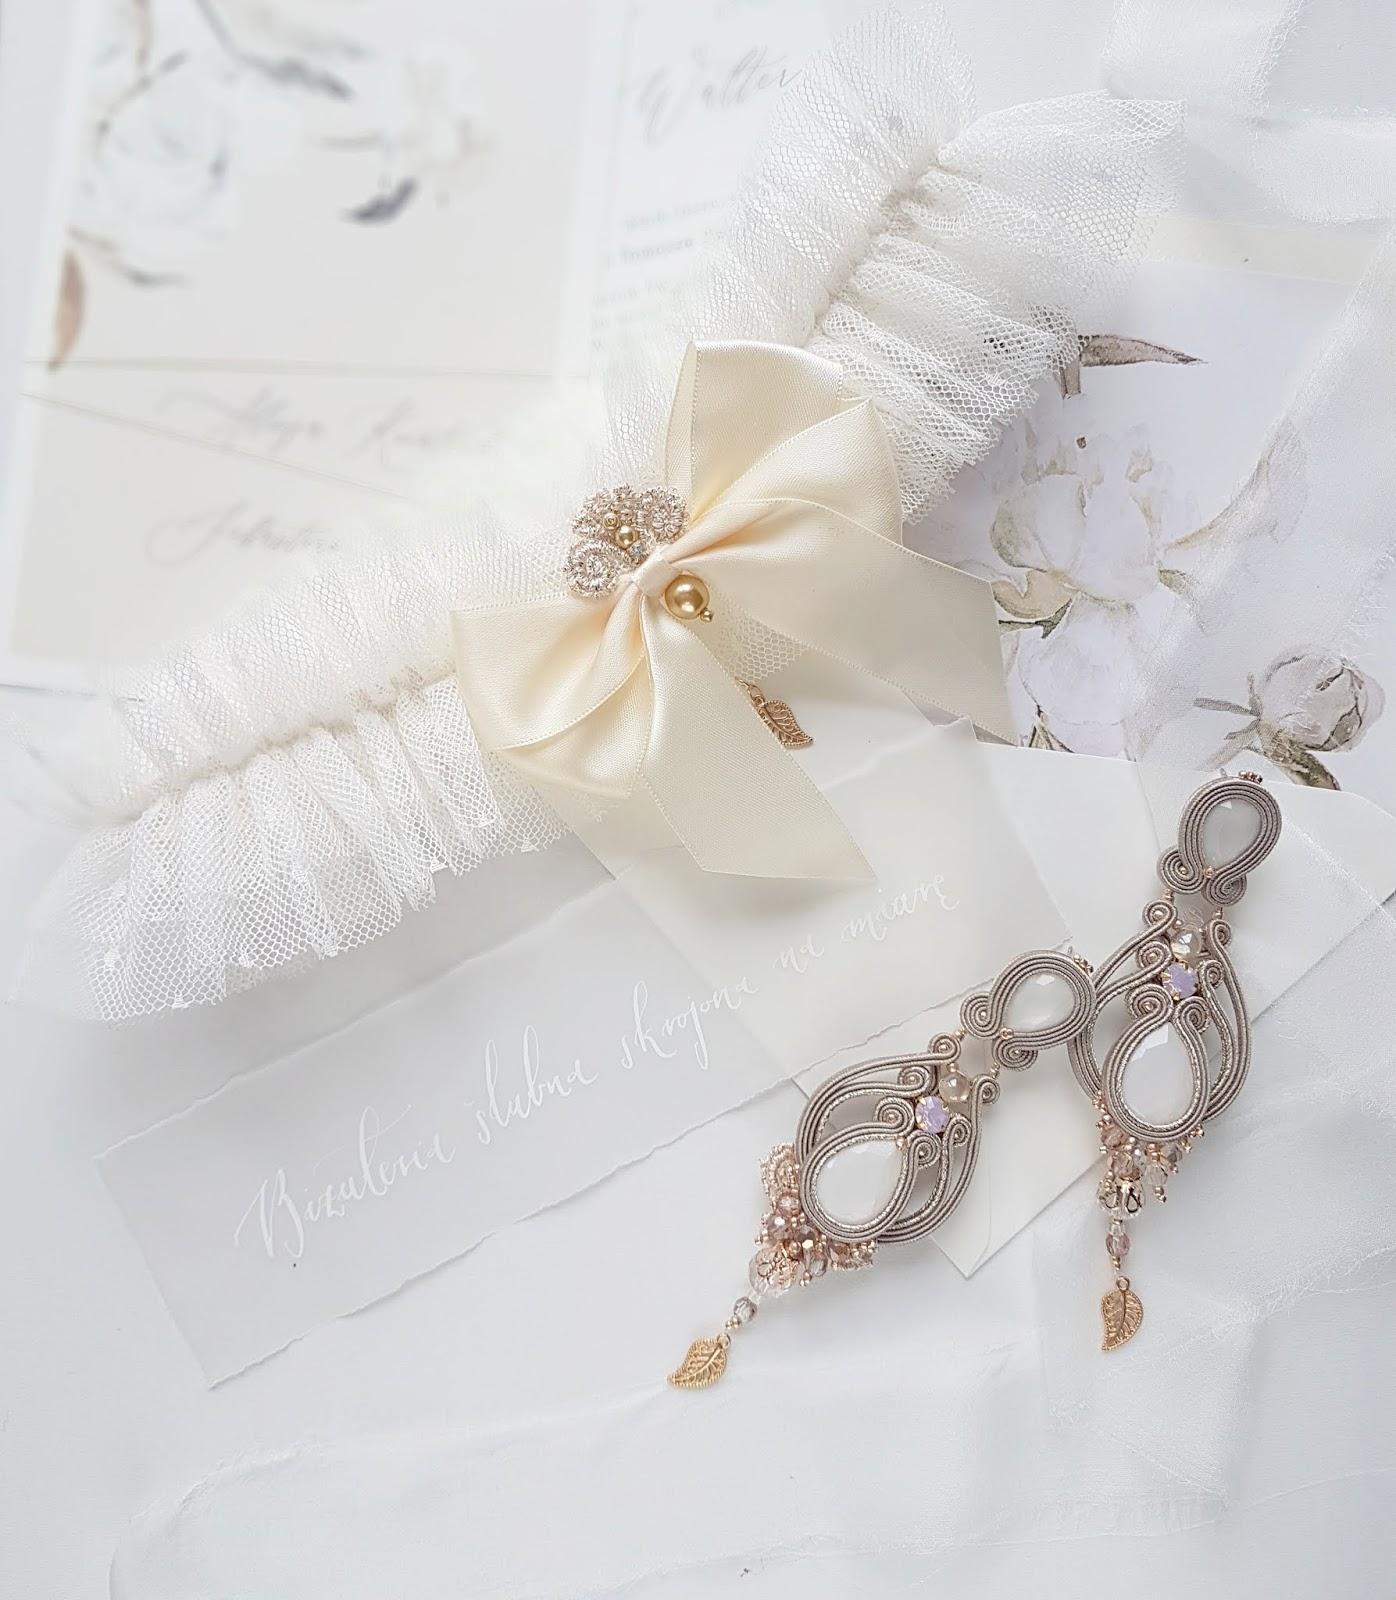 Podwiązka ślubna z listkiem i perłami, dopasowana do biżuterii.